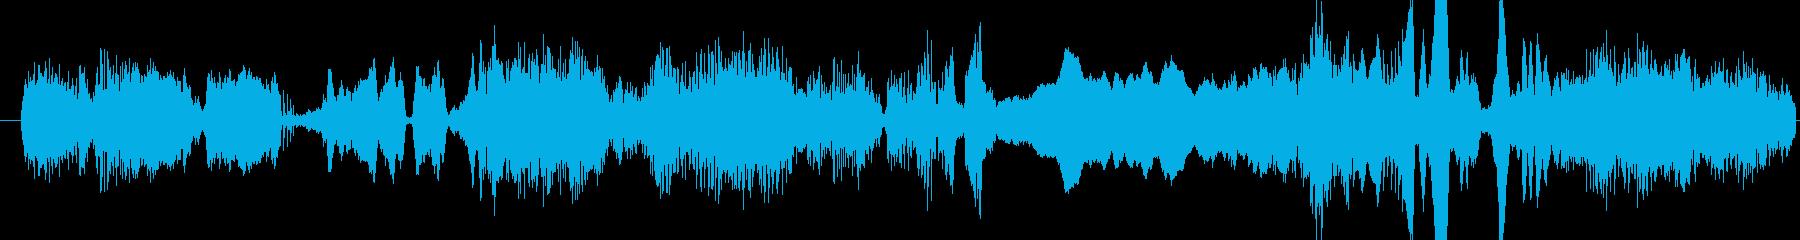 モンスター グリッチグロール02の再生済みの波形